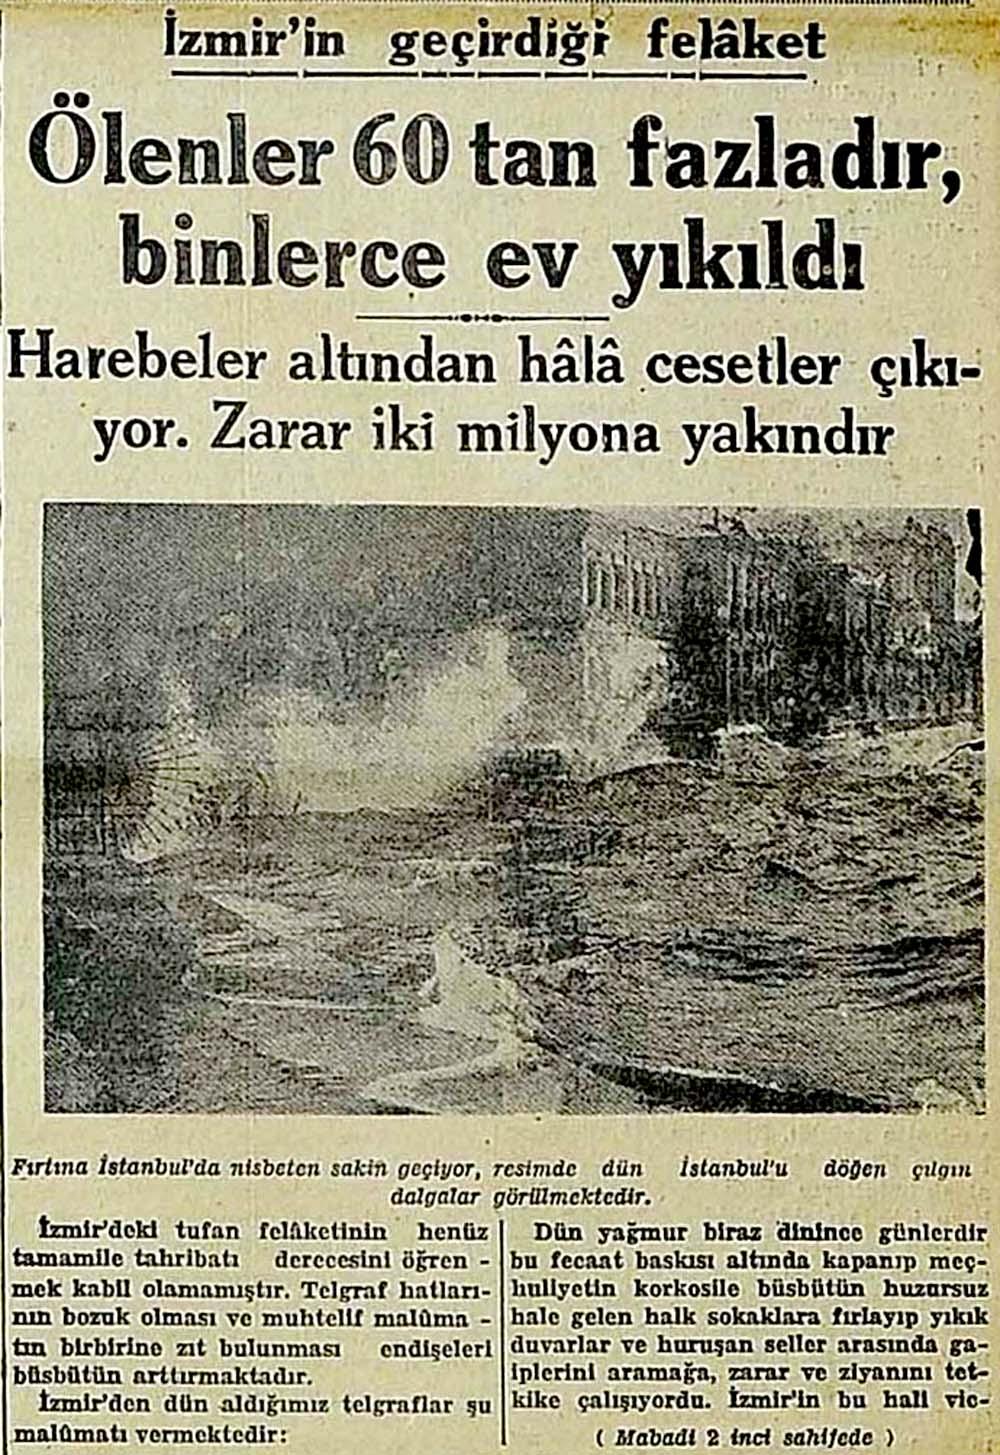 İzmir'in geçirdiği felaket